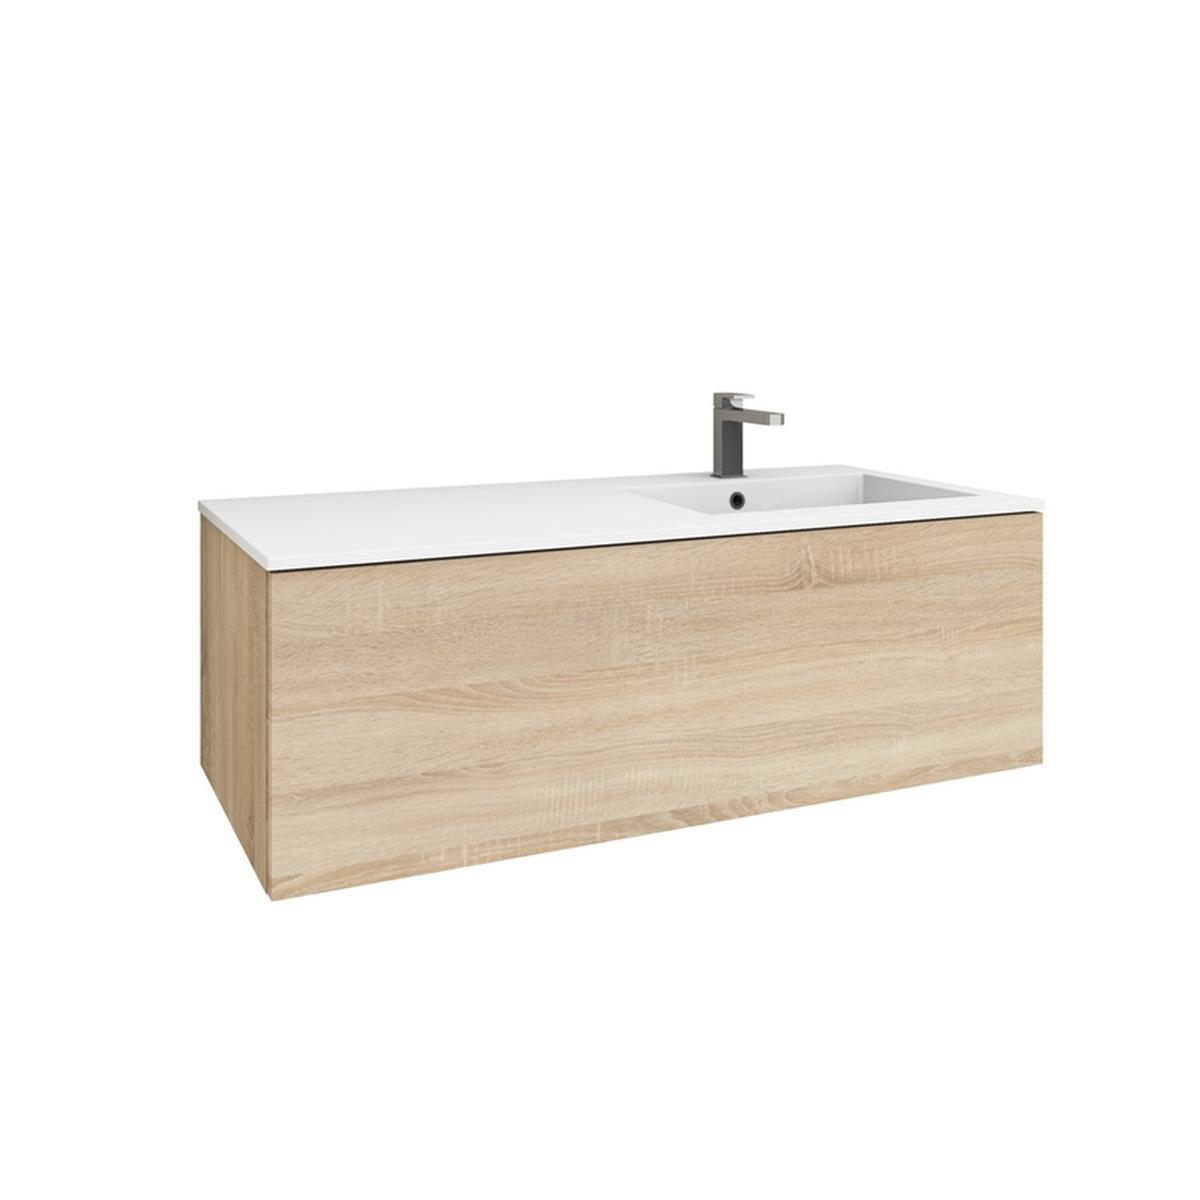 levanto 120r mineralguss waschtisch set mit auszug. Black Bedroom Furniture Sets. Home Design Ideas